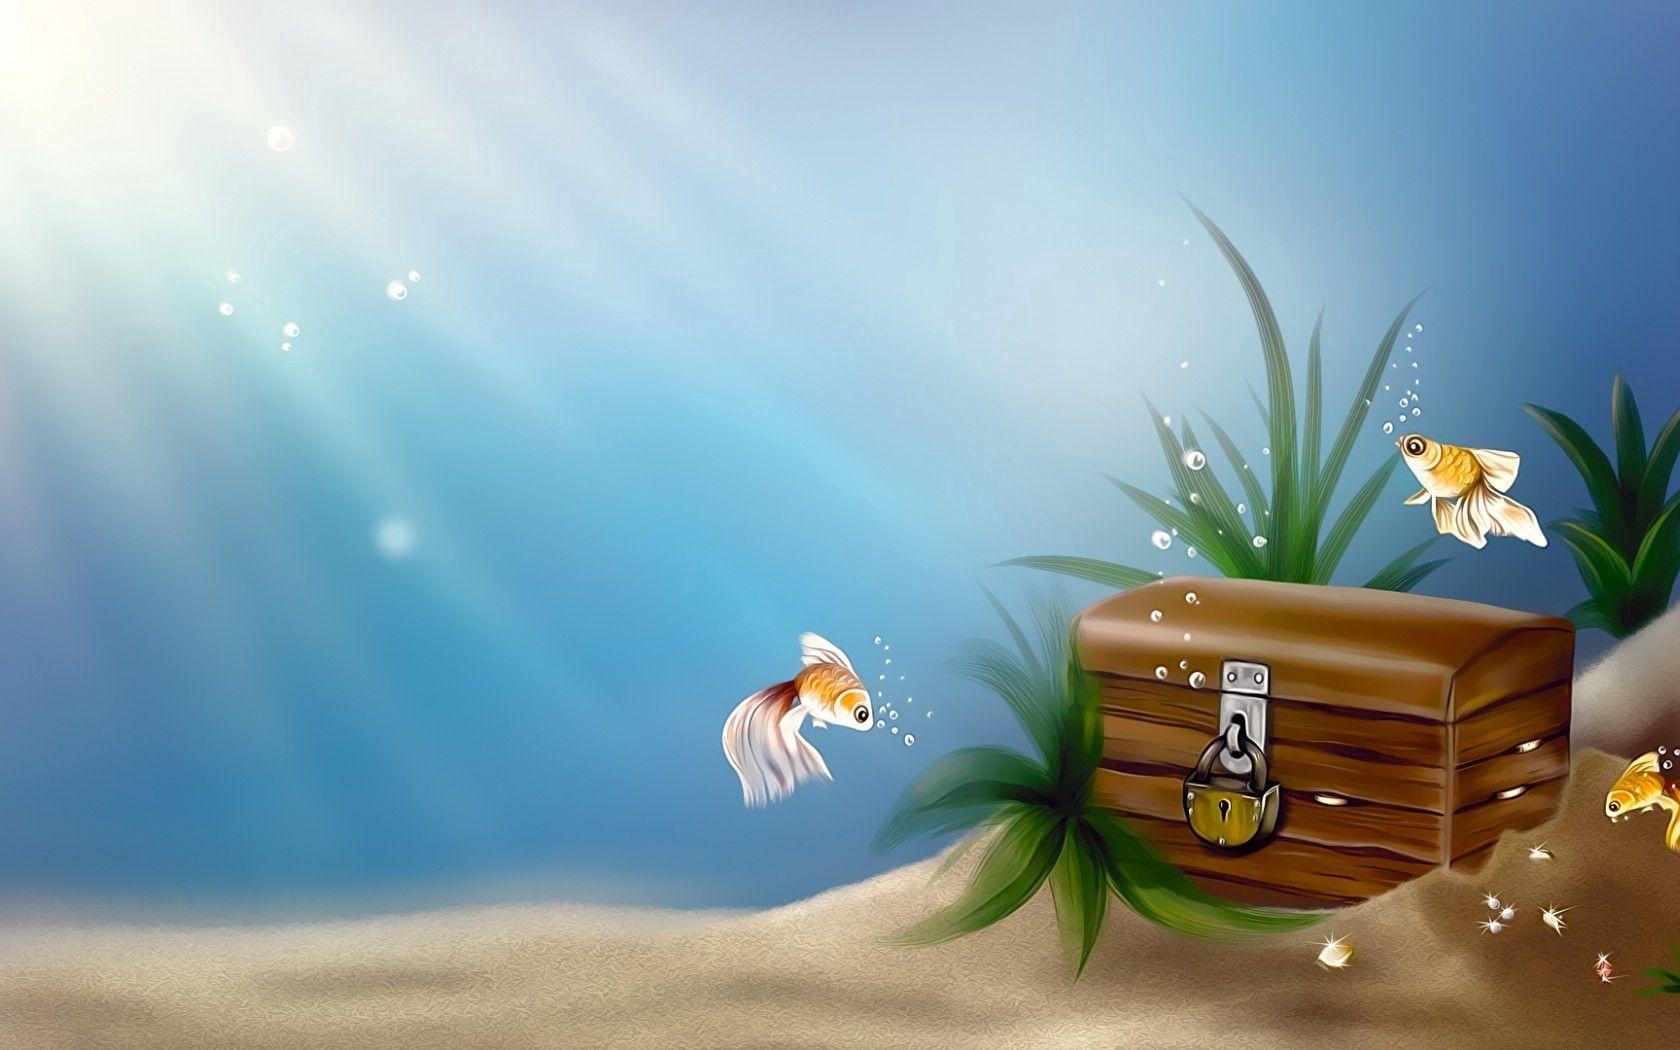 145943 Заставки и Обои Рыбы на телефон. Скачать Рыбы, Арт, Море, Замок, Пузырьки, Под Водой, Золотые, Сундук, Рыбки, Клад картинки бесплатно